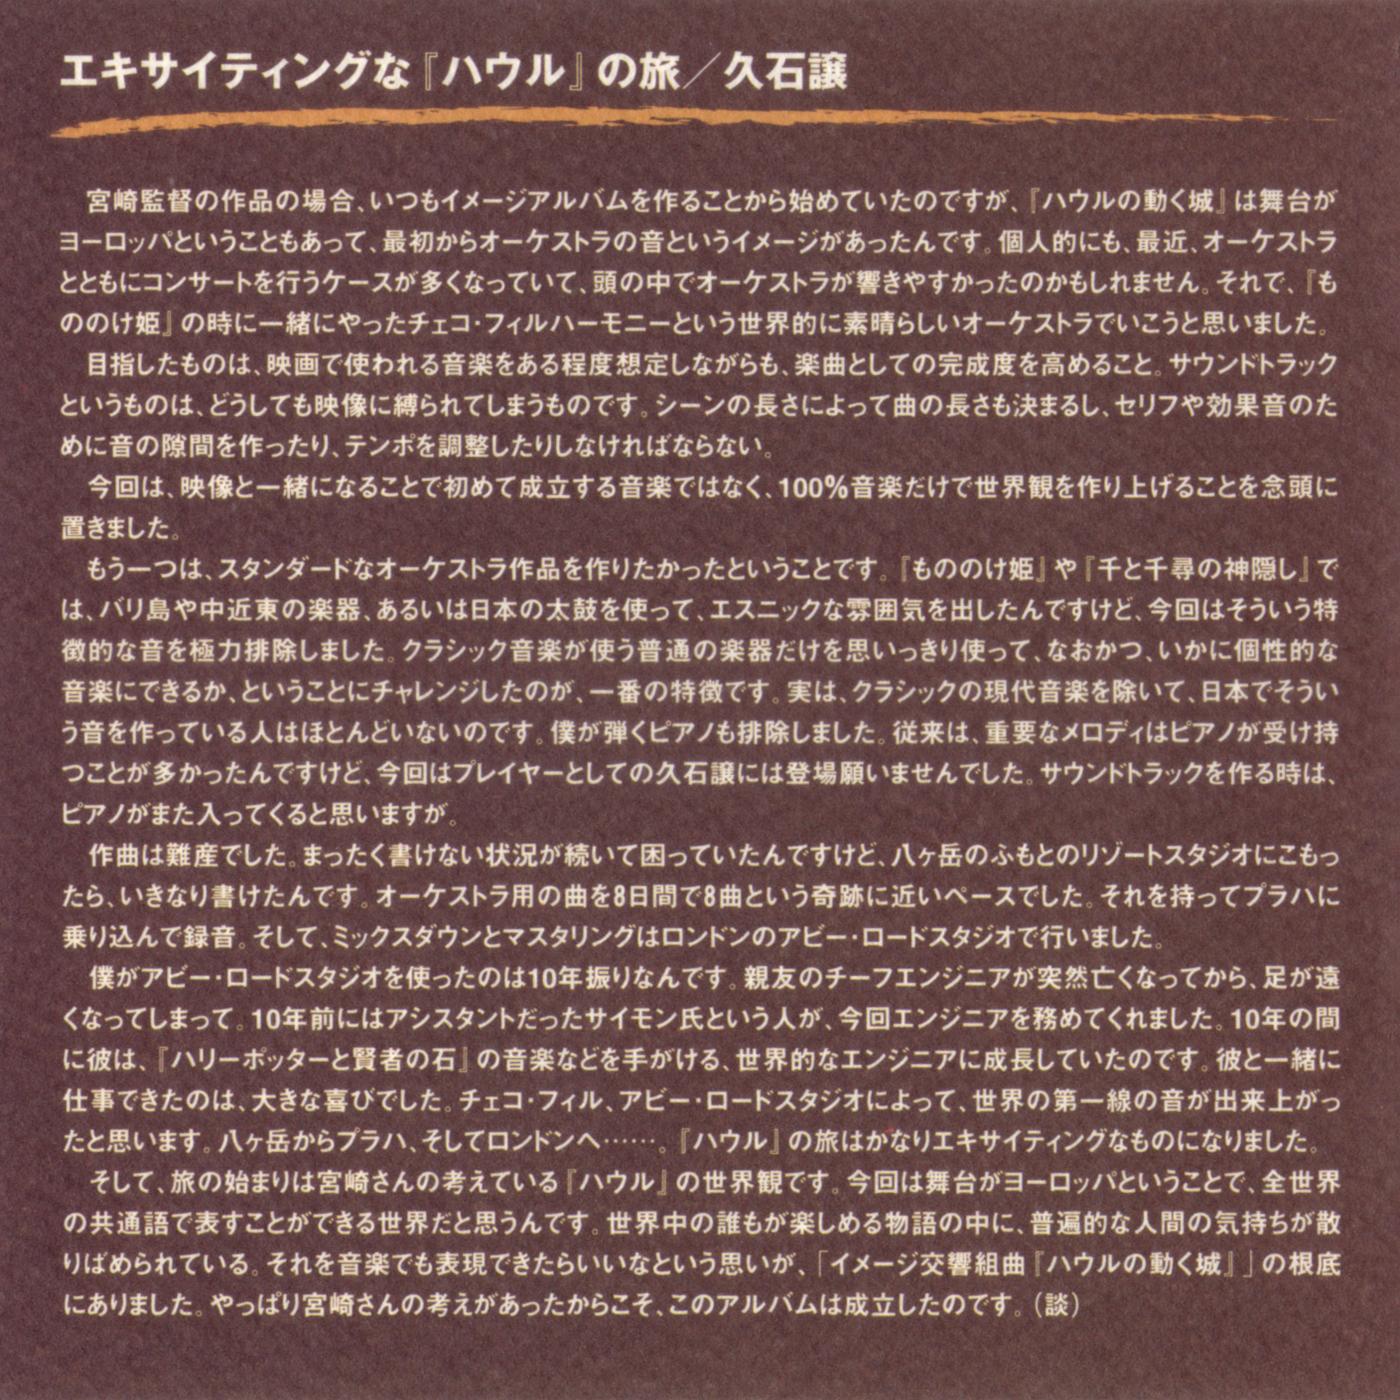 Image Symphonic Suite Howl's Moving Castle Booklet p. 01.png